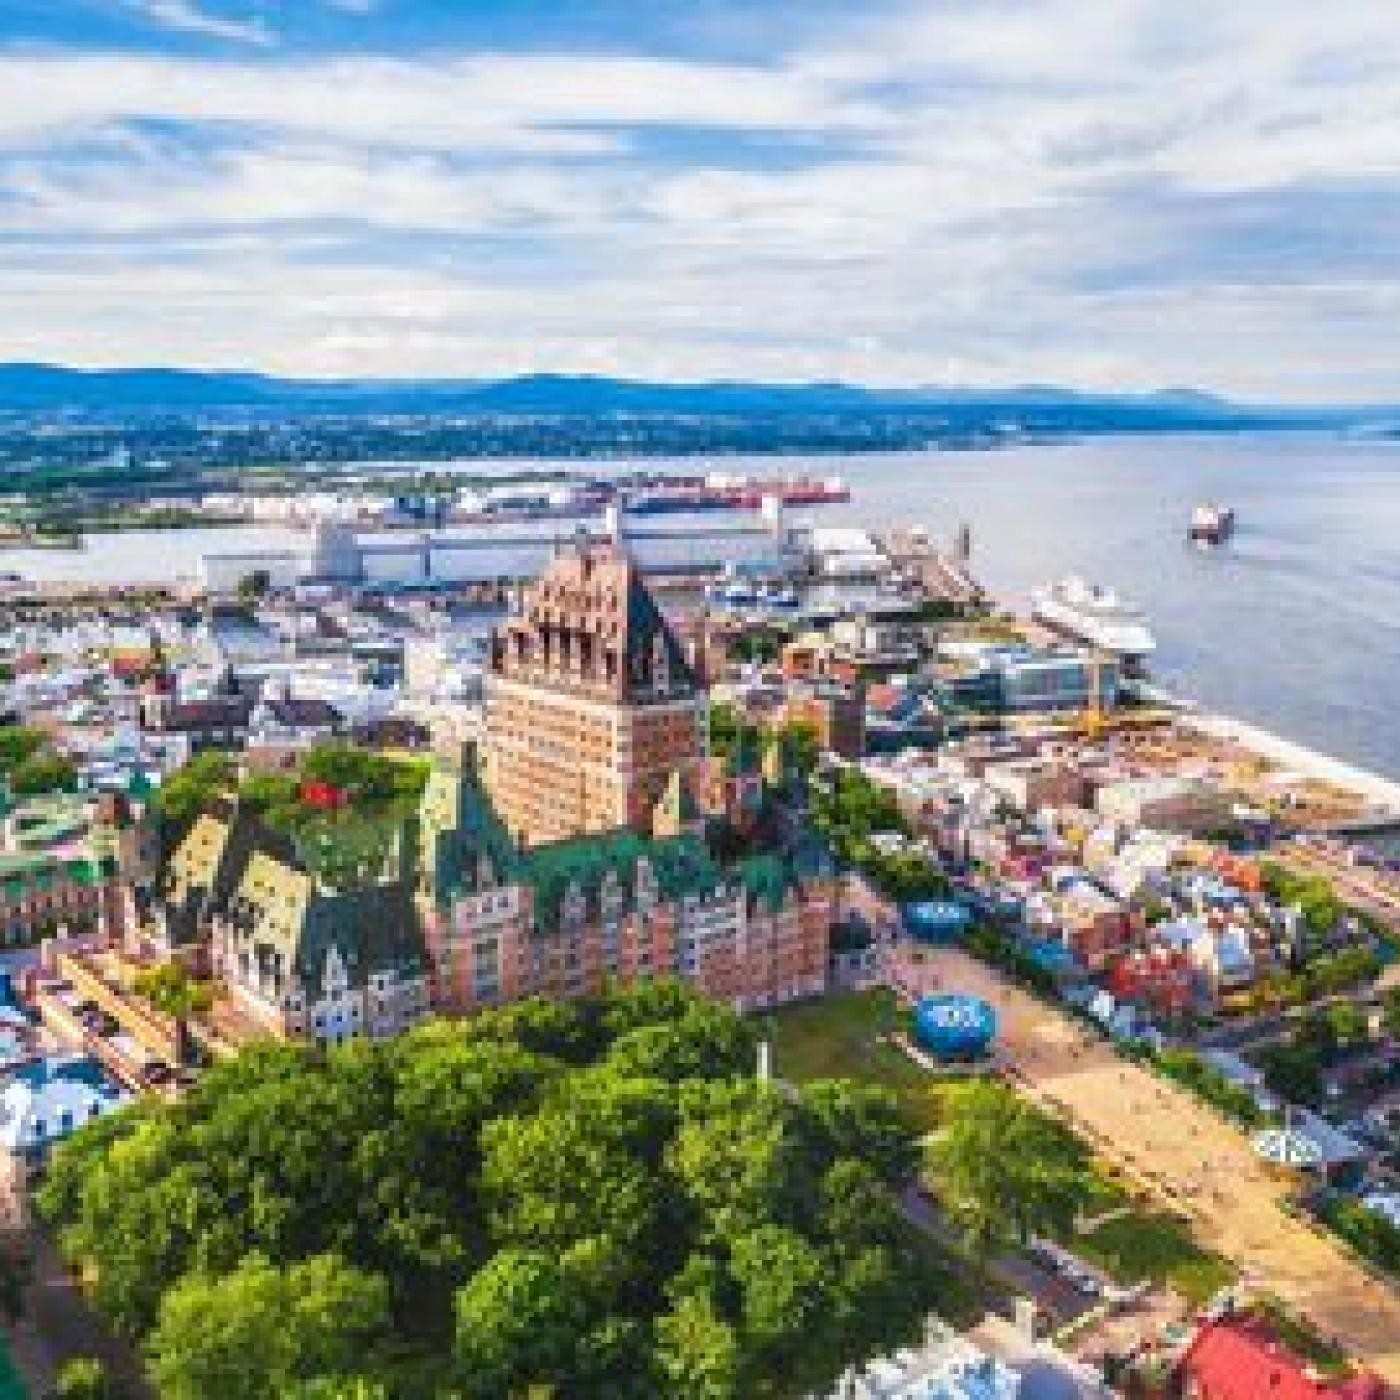 Grégoire à Québec - Canada - 03 11 2020